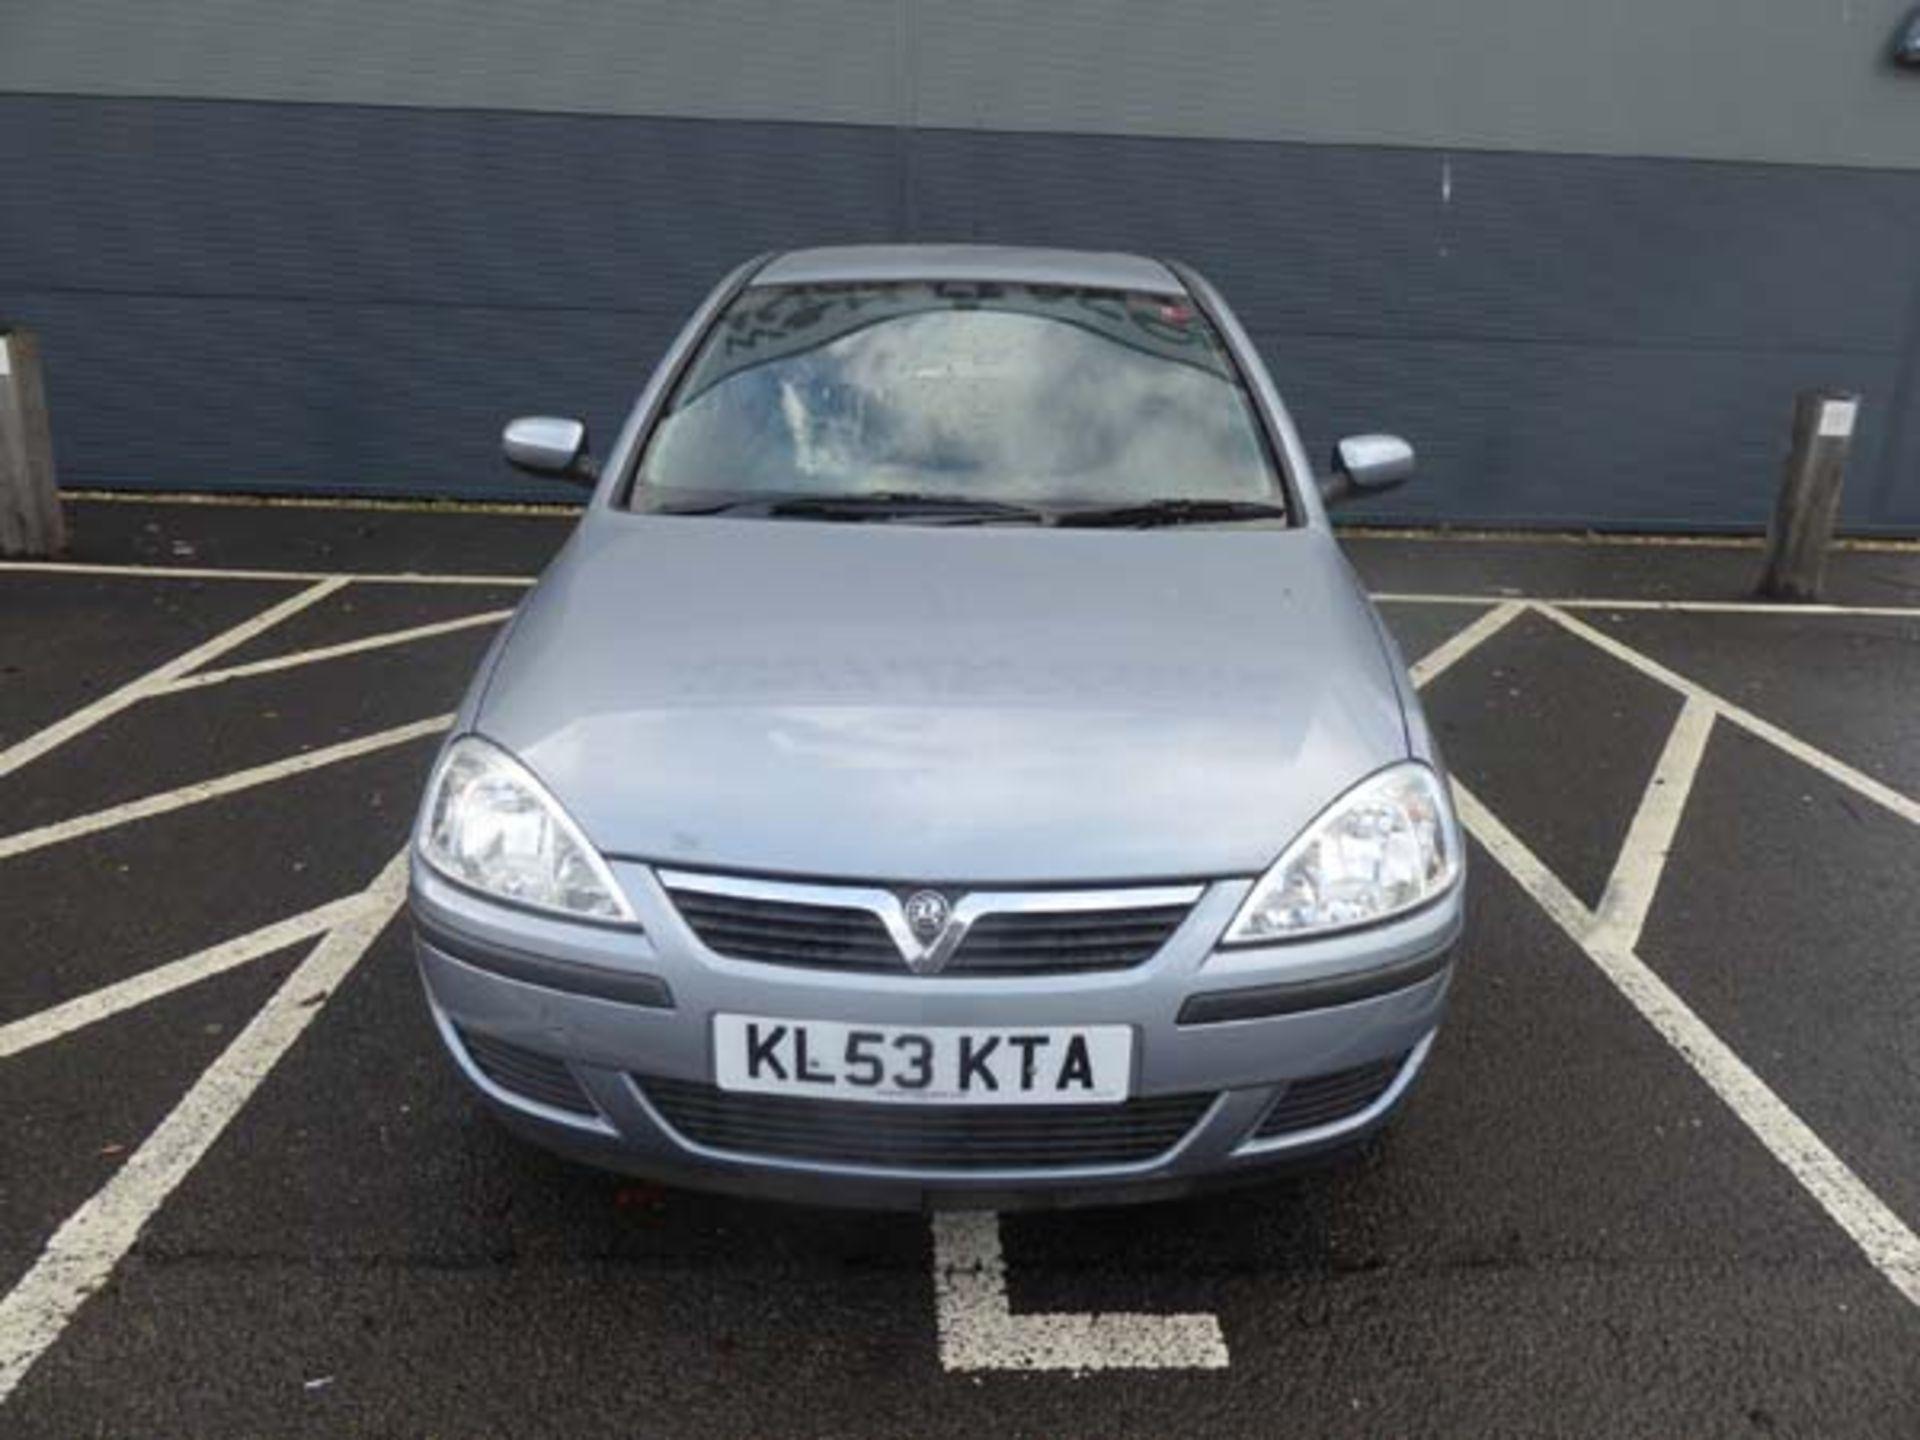 KL53 KTA (2003) Vauxhall Corsa Active 16V, 3 door hatchback, 1199cc, petrol, in silver, 39'044 - Image 3 of 12